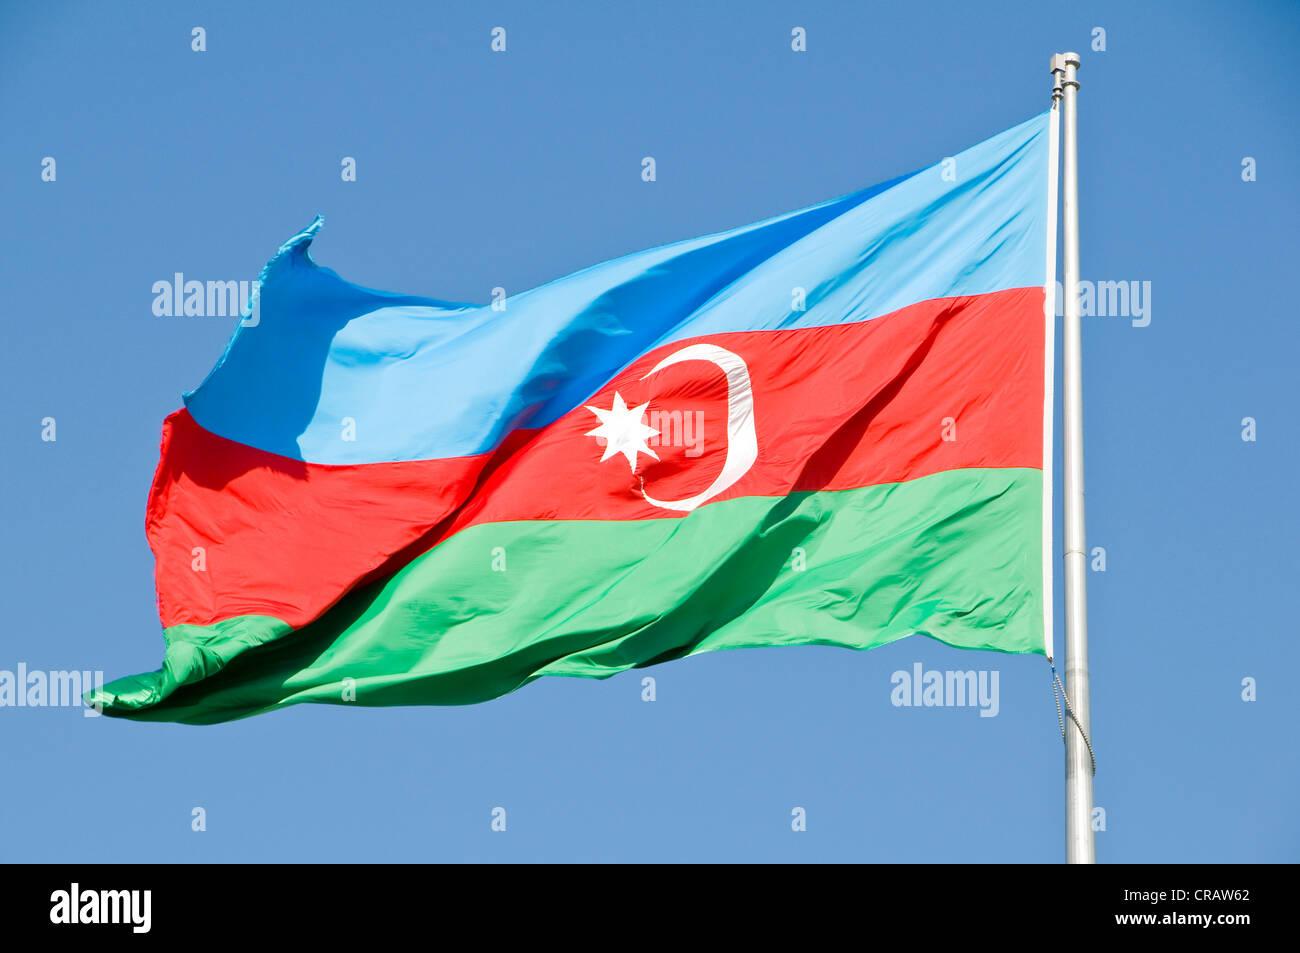 Azerbaijani flag in the wind, Azerbaijan, Middle East - Stock Image